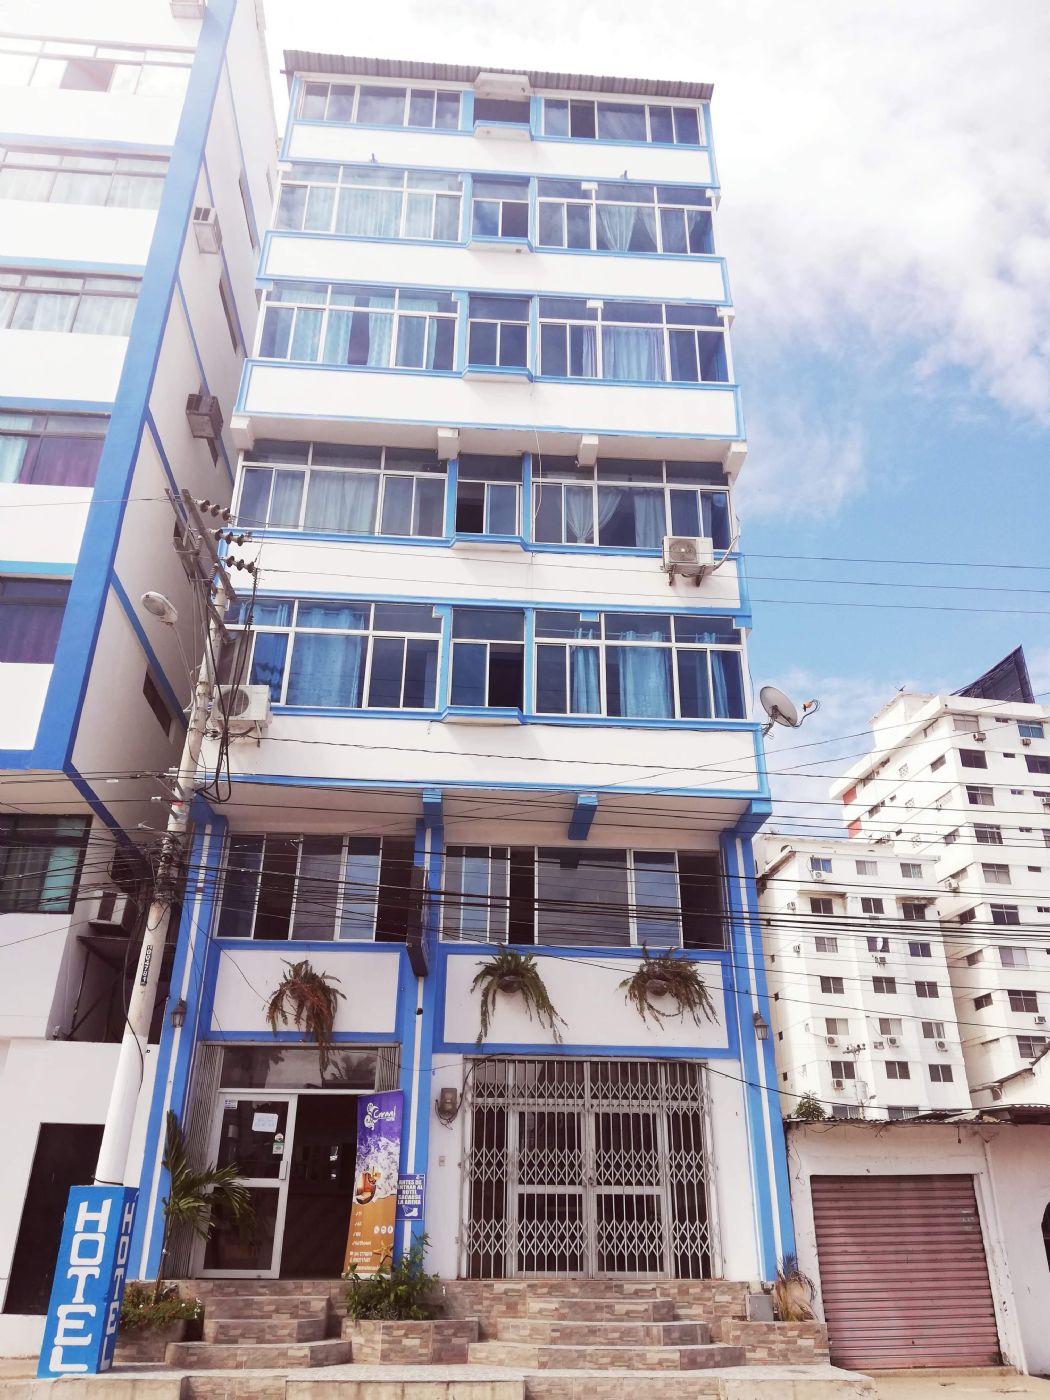 Salinas-Ecuador-property-555496.jpeg